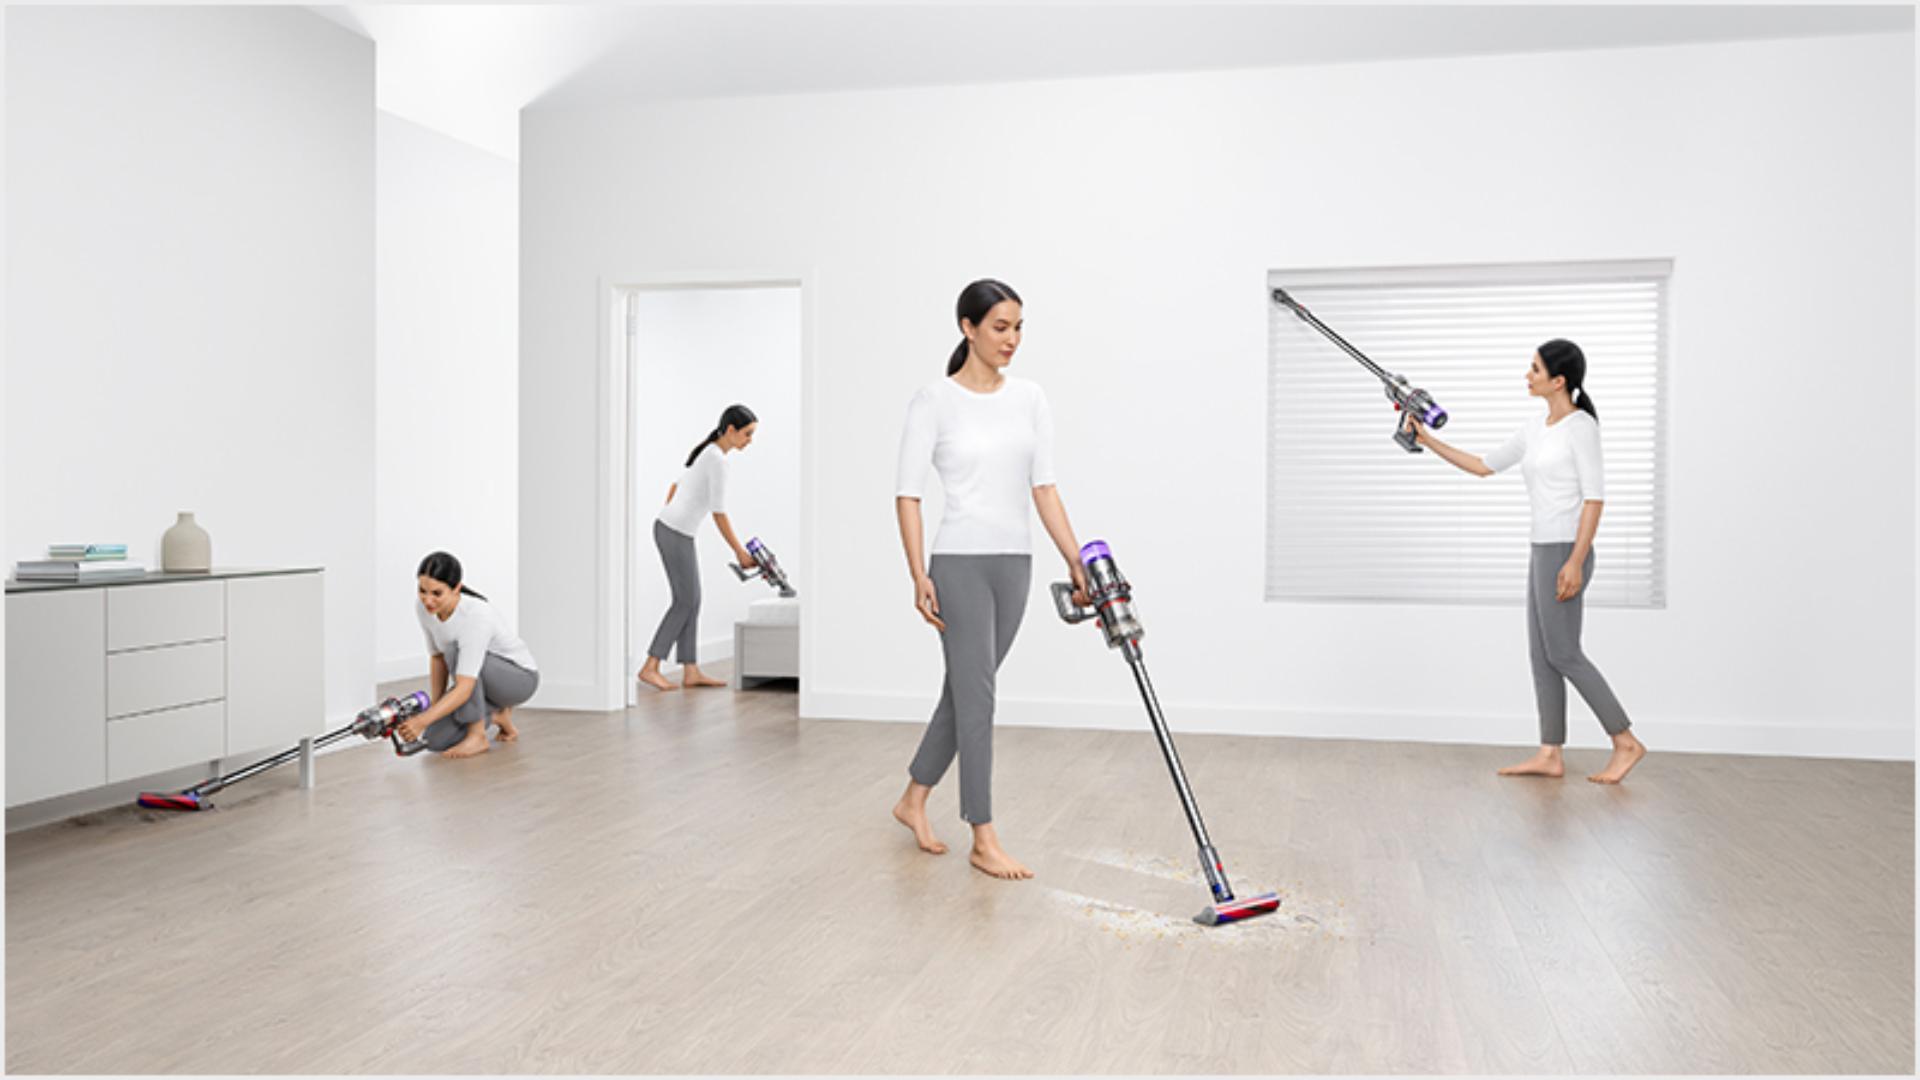 ผู้หญิงขณะกำลังทำความสะอาด 3 รูปแบบรอบบ้าน